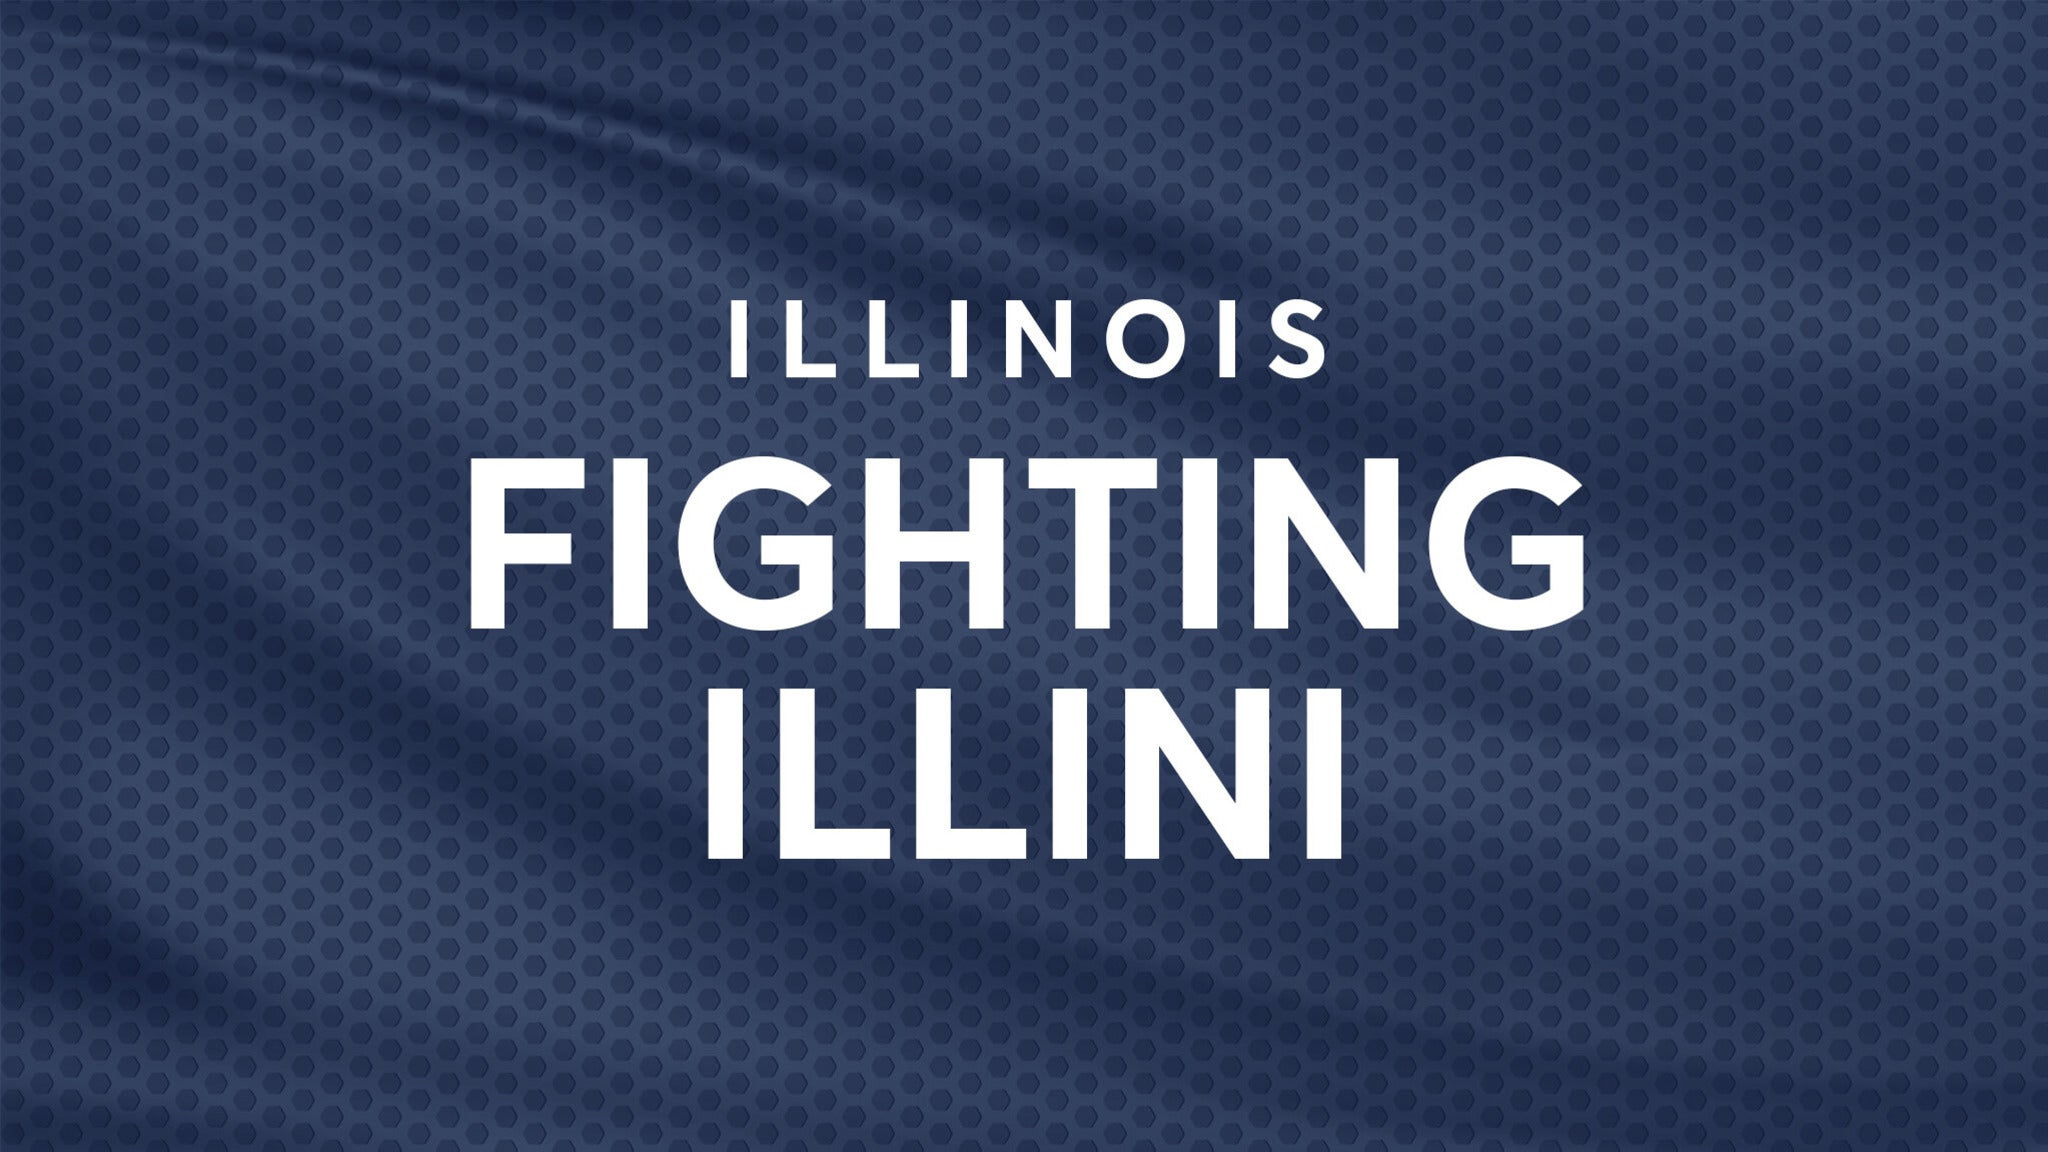 University of Illinois Fighting Illini Women's Gymnastics